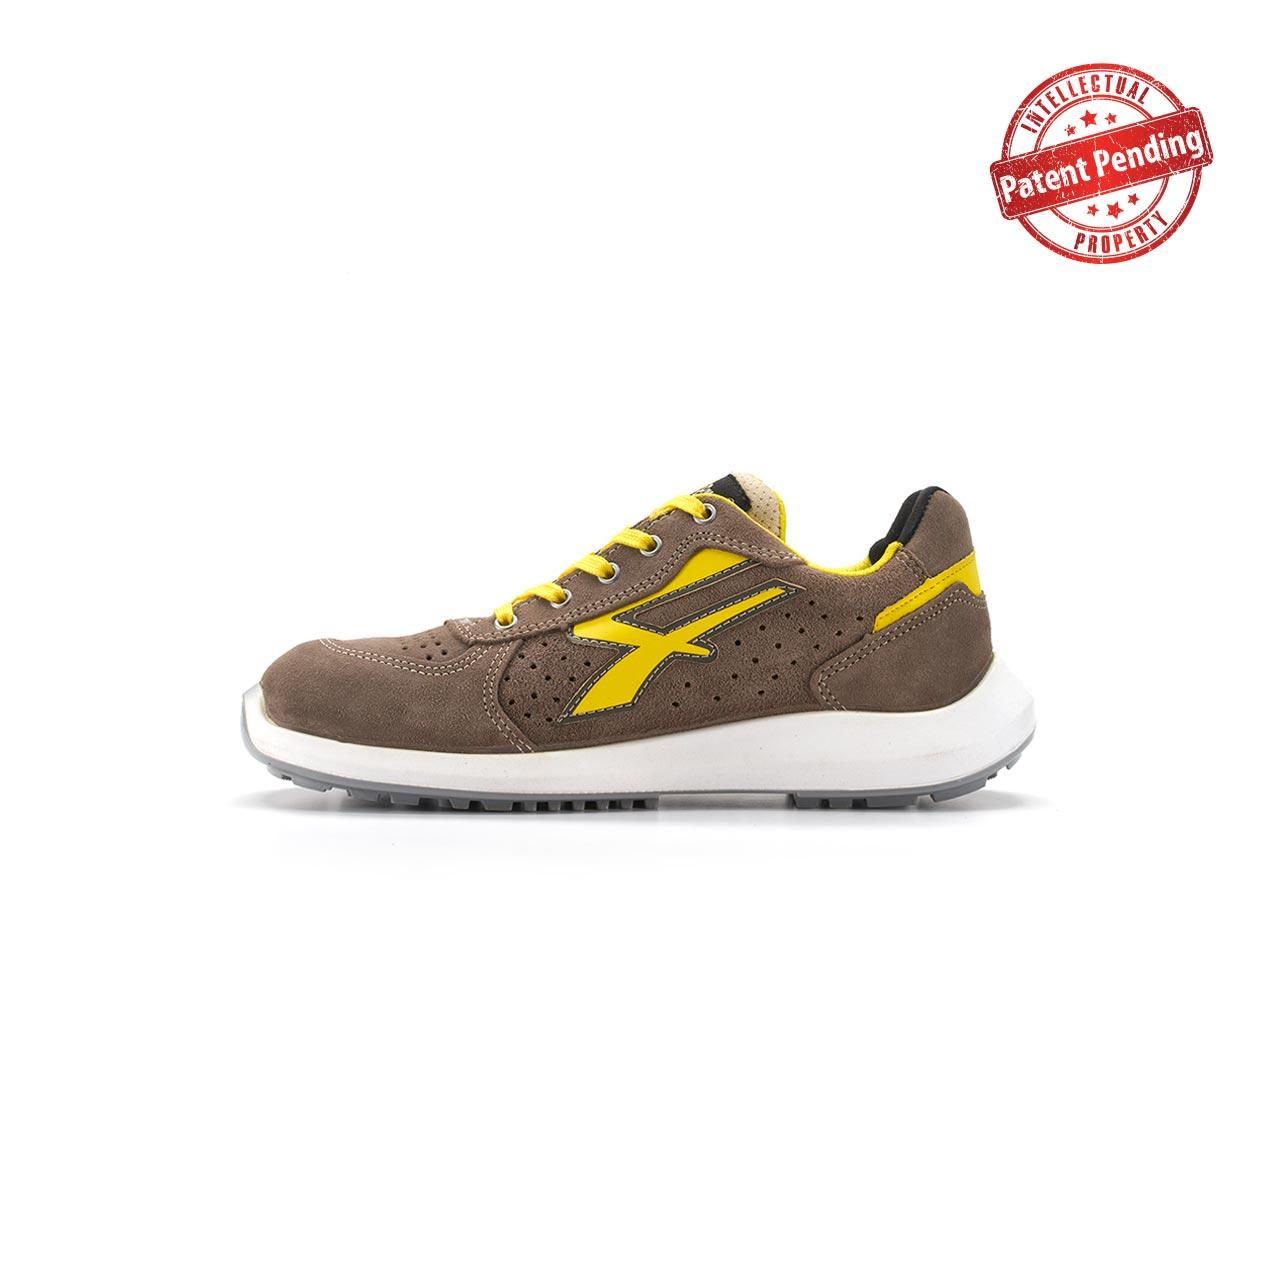 calzatura da lavoro upower modello dorado linea redup vista lato sinistra